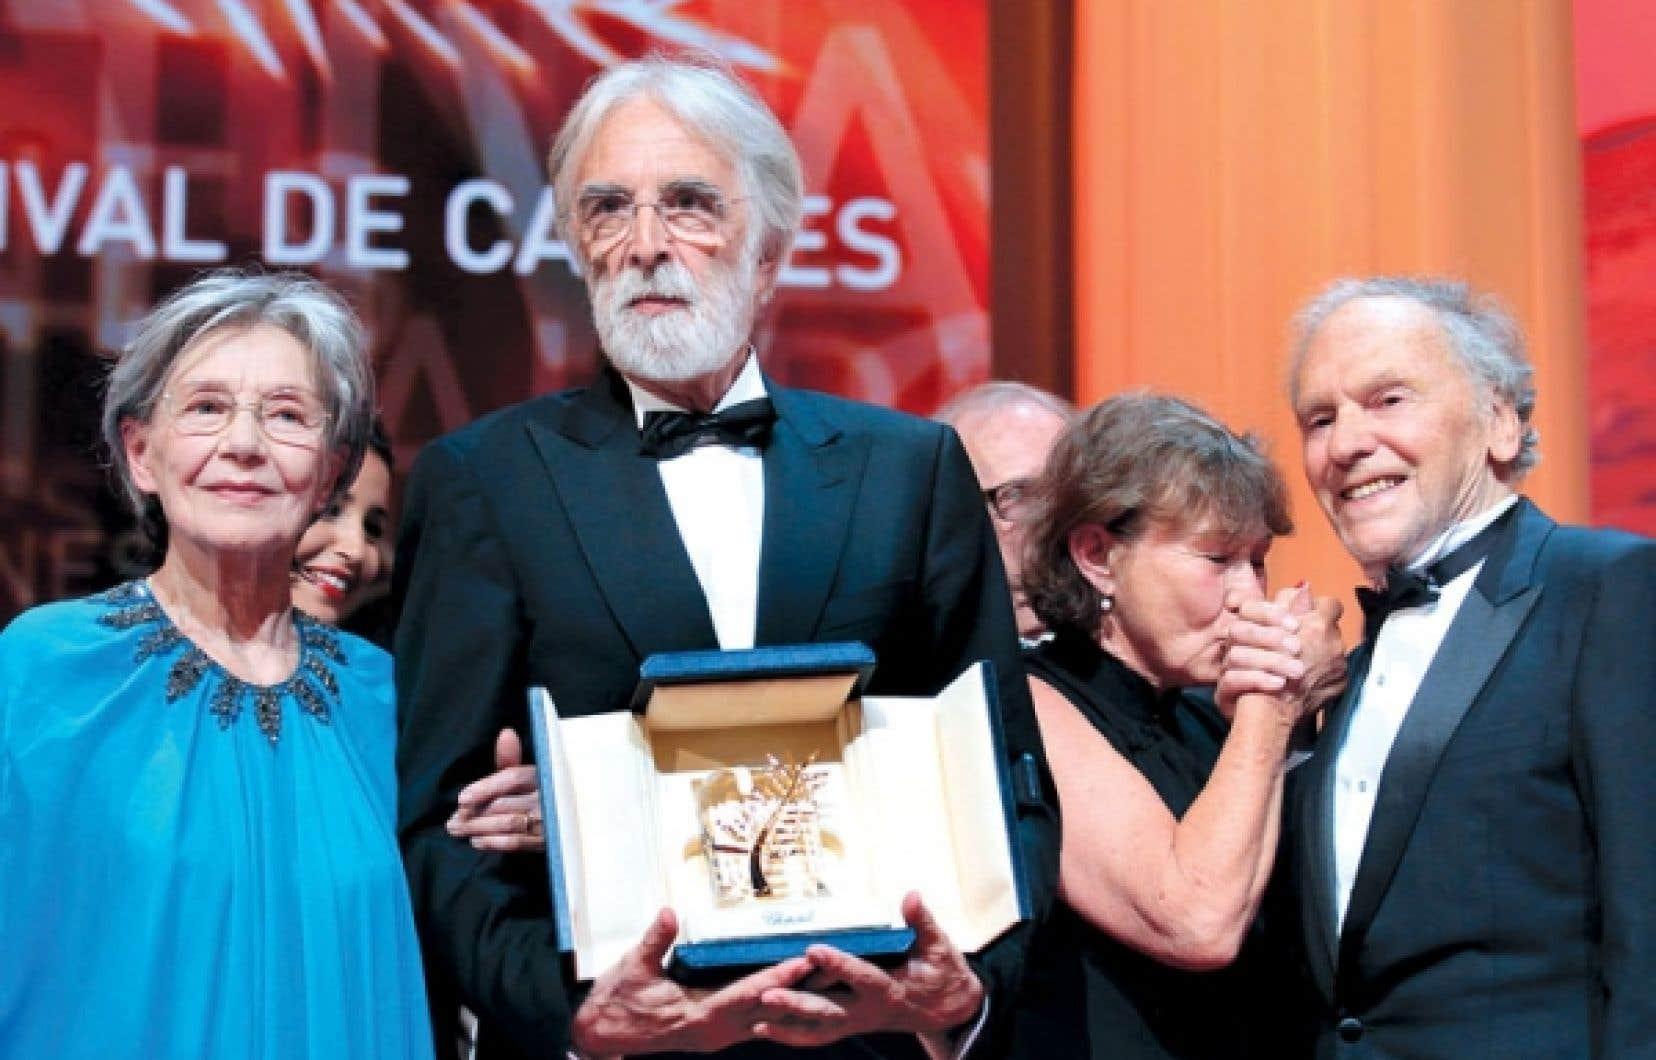 Le cinéaste autrichien Michael Haneke tenant sa Palme d'or entouré des acteurs principaux de son film Amour, Emmanuelle Riva et Jean-Louis Trintignant, hier, à Cannes.